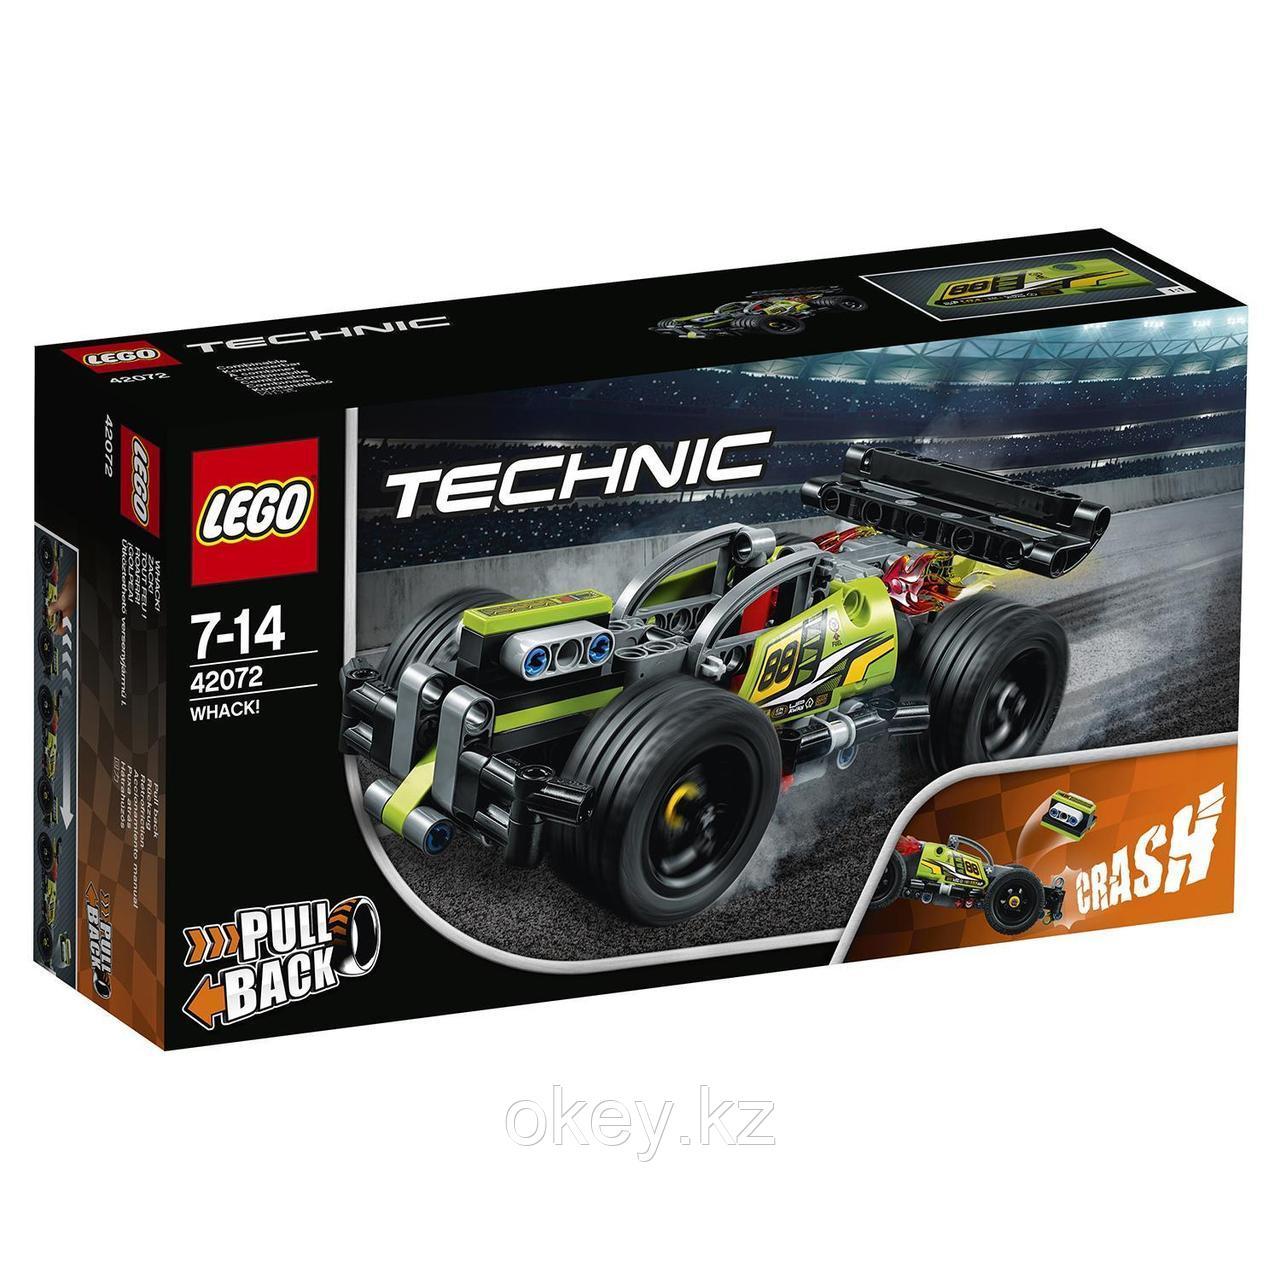 LEGO Technic: Зеленый гоночный автомобиль 42072